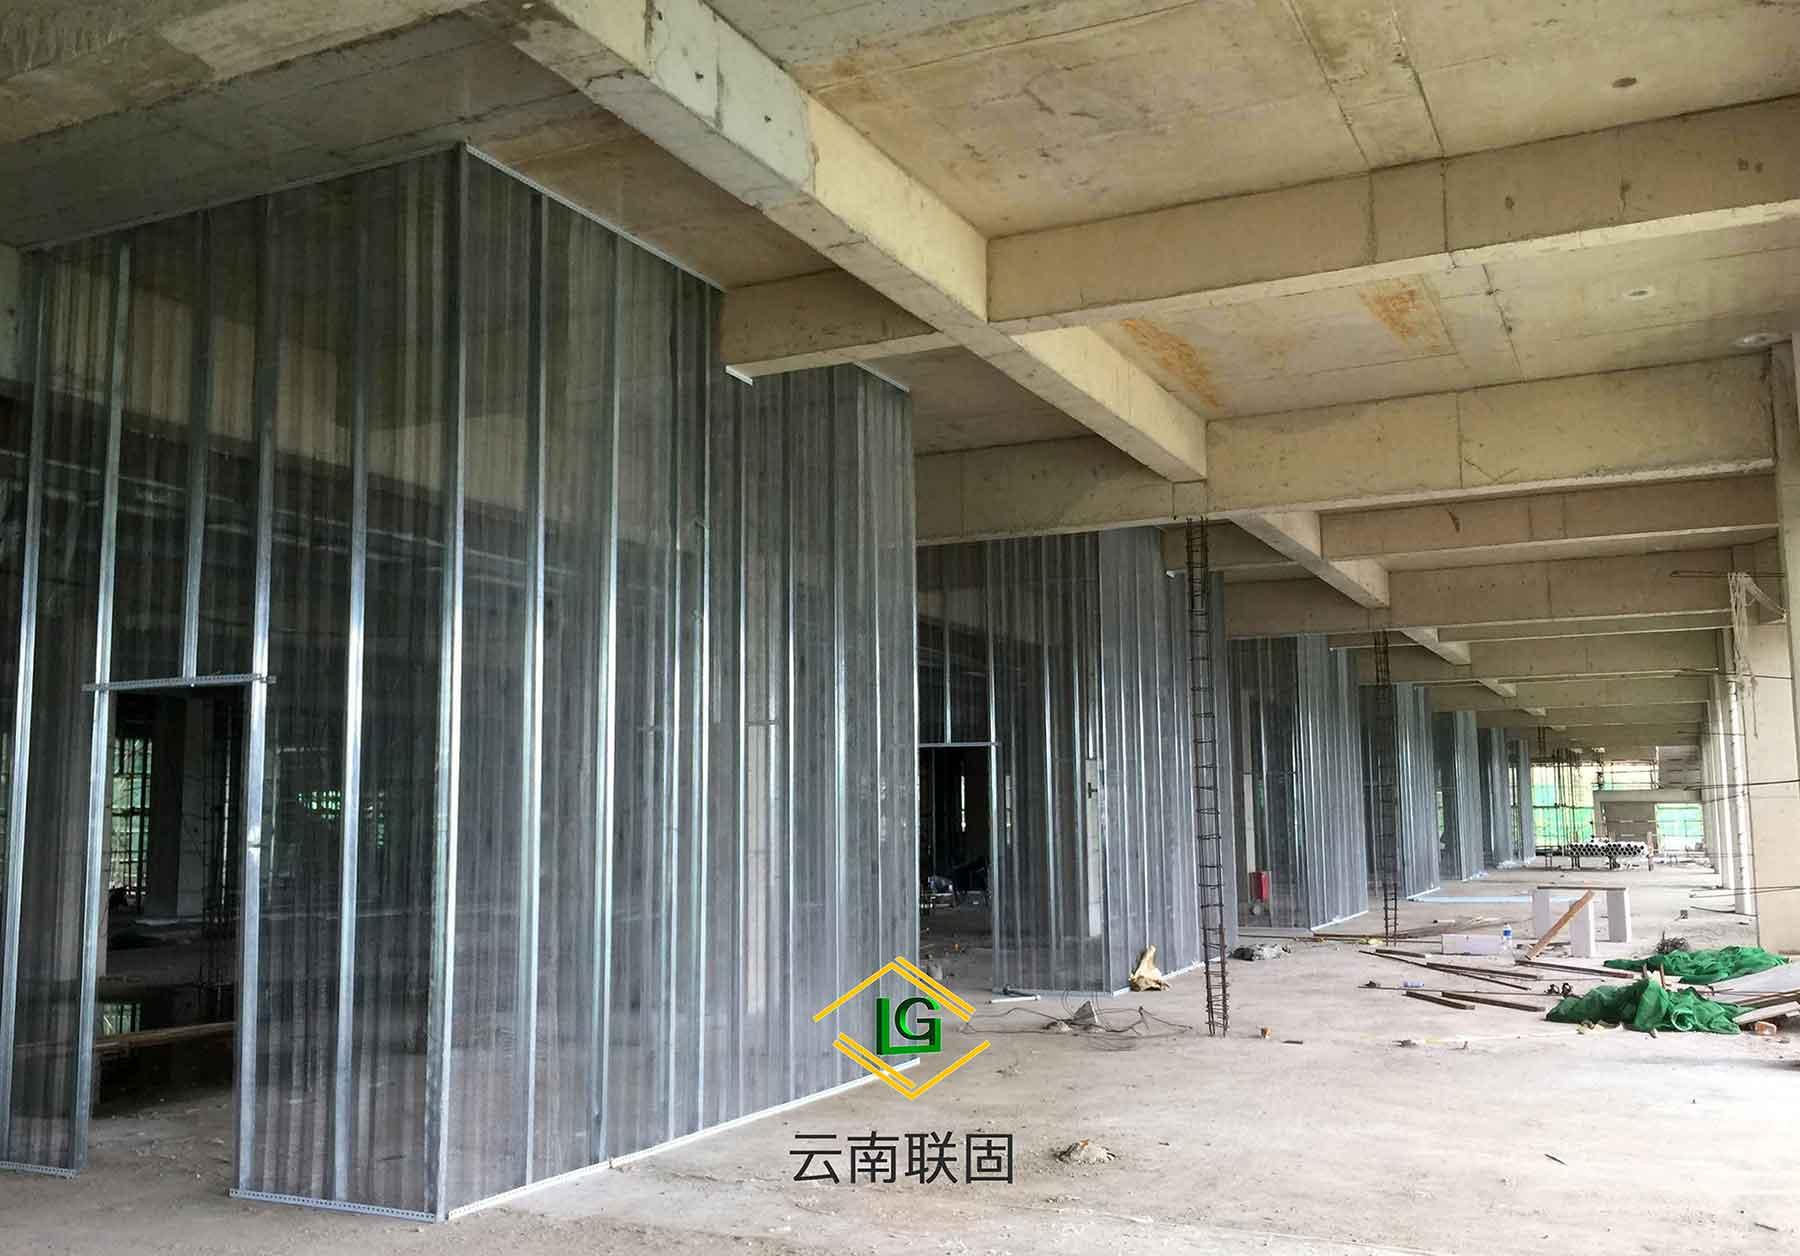 吉林钢网内模金属网轻质隔墙质量放心可靠 诚信经营 云南联固建筑材料供应